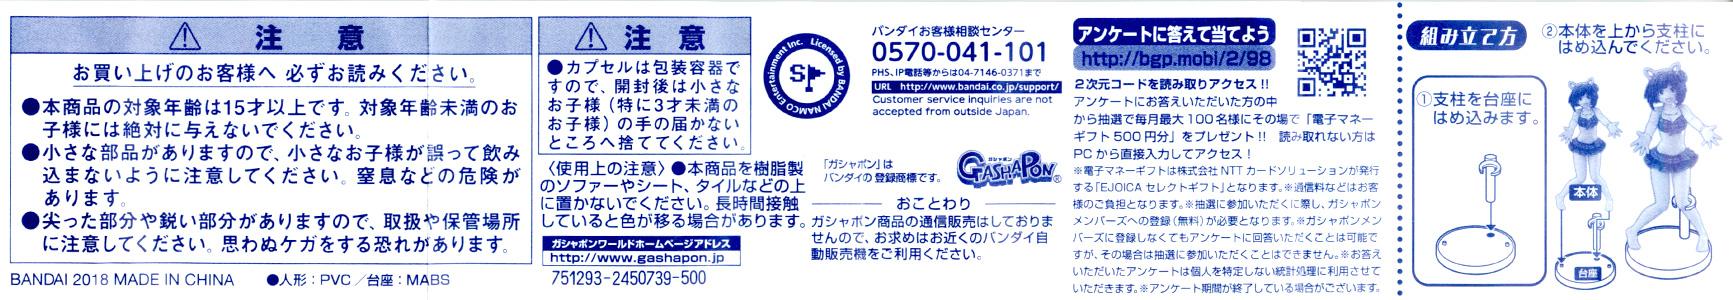 Gasha Portraits アイドルマスターシンデレラガールズ 02 [バンダイ] 「城ヶ崎莉嘉」